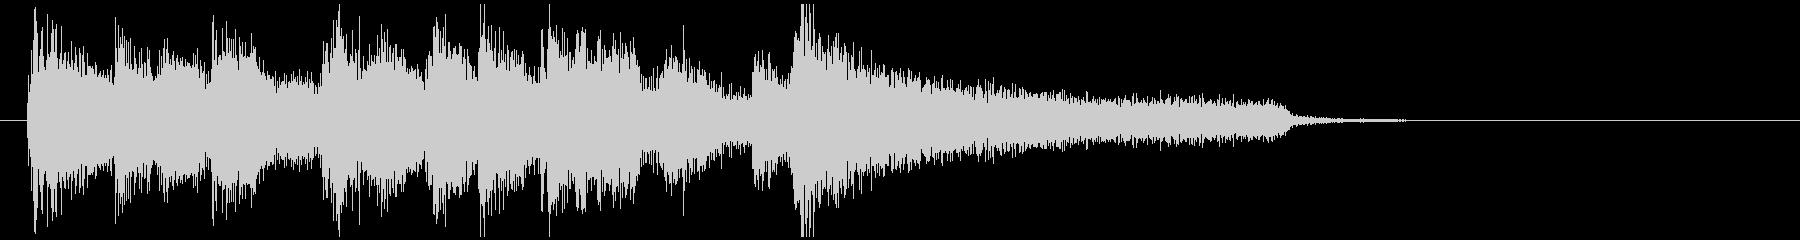 骨太なジャズサウンドのサックスジングルの未再生の波形